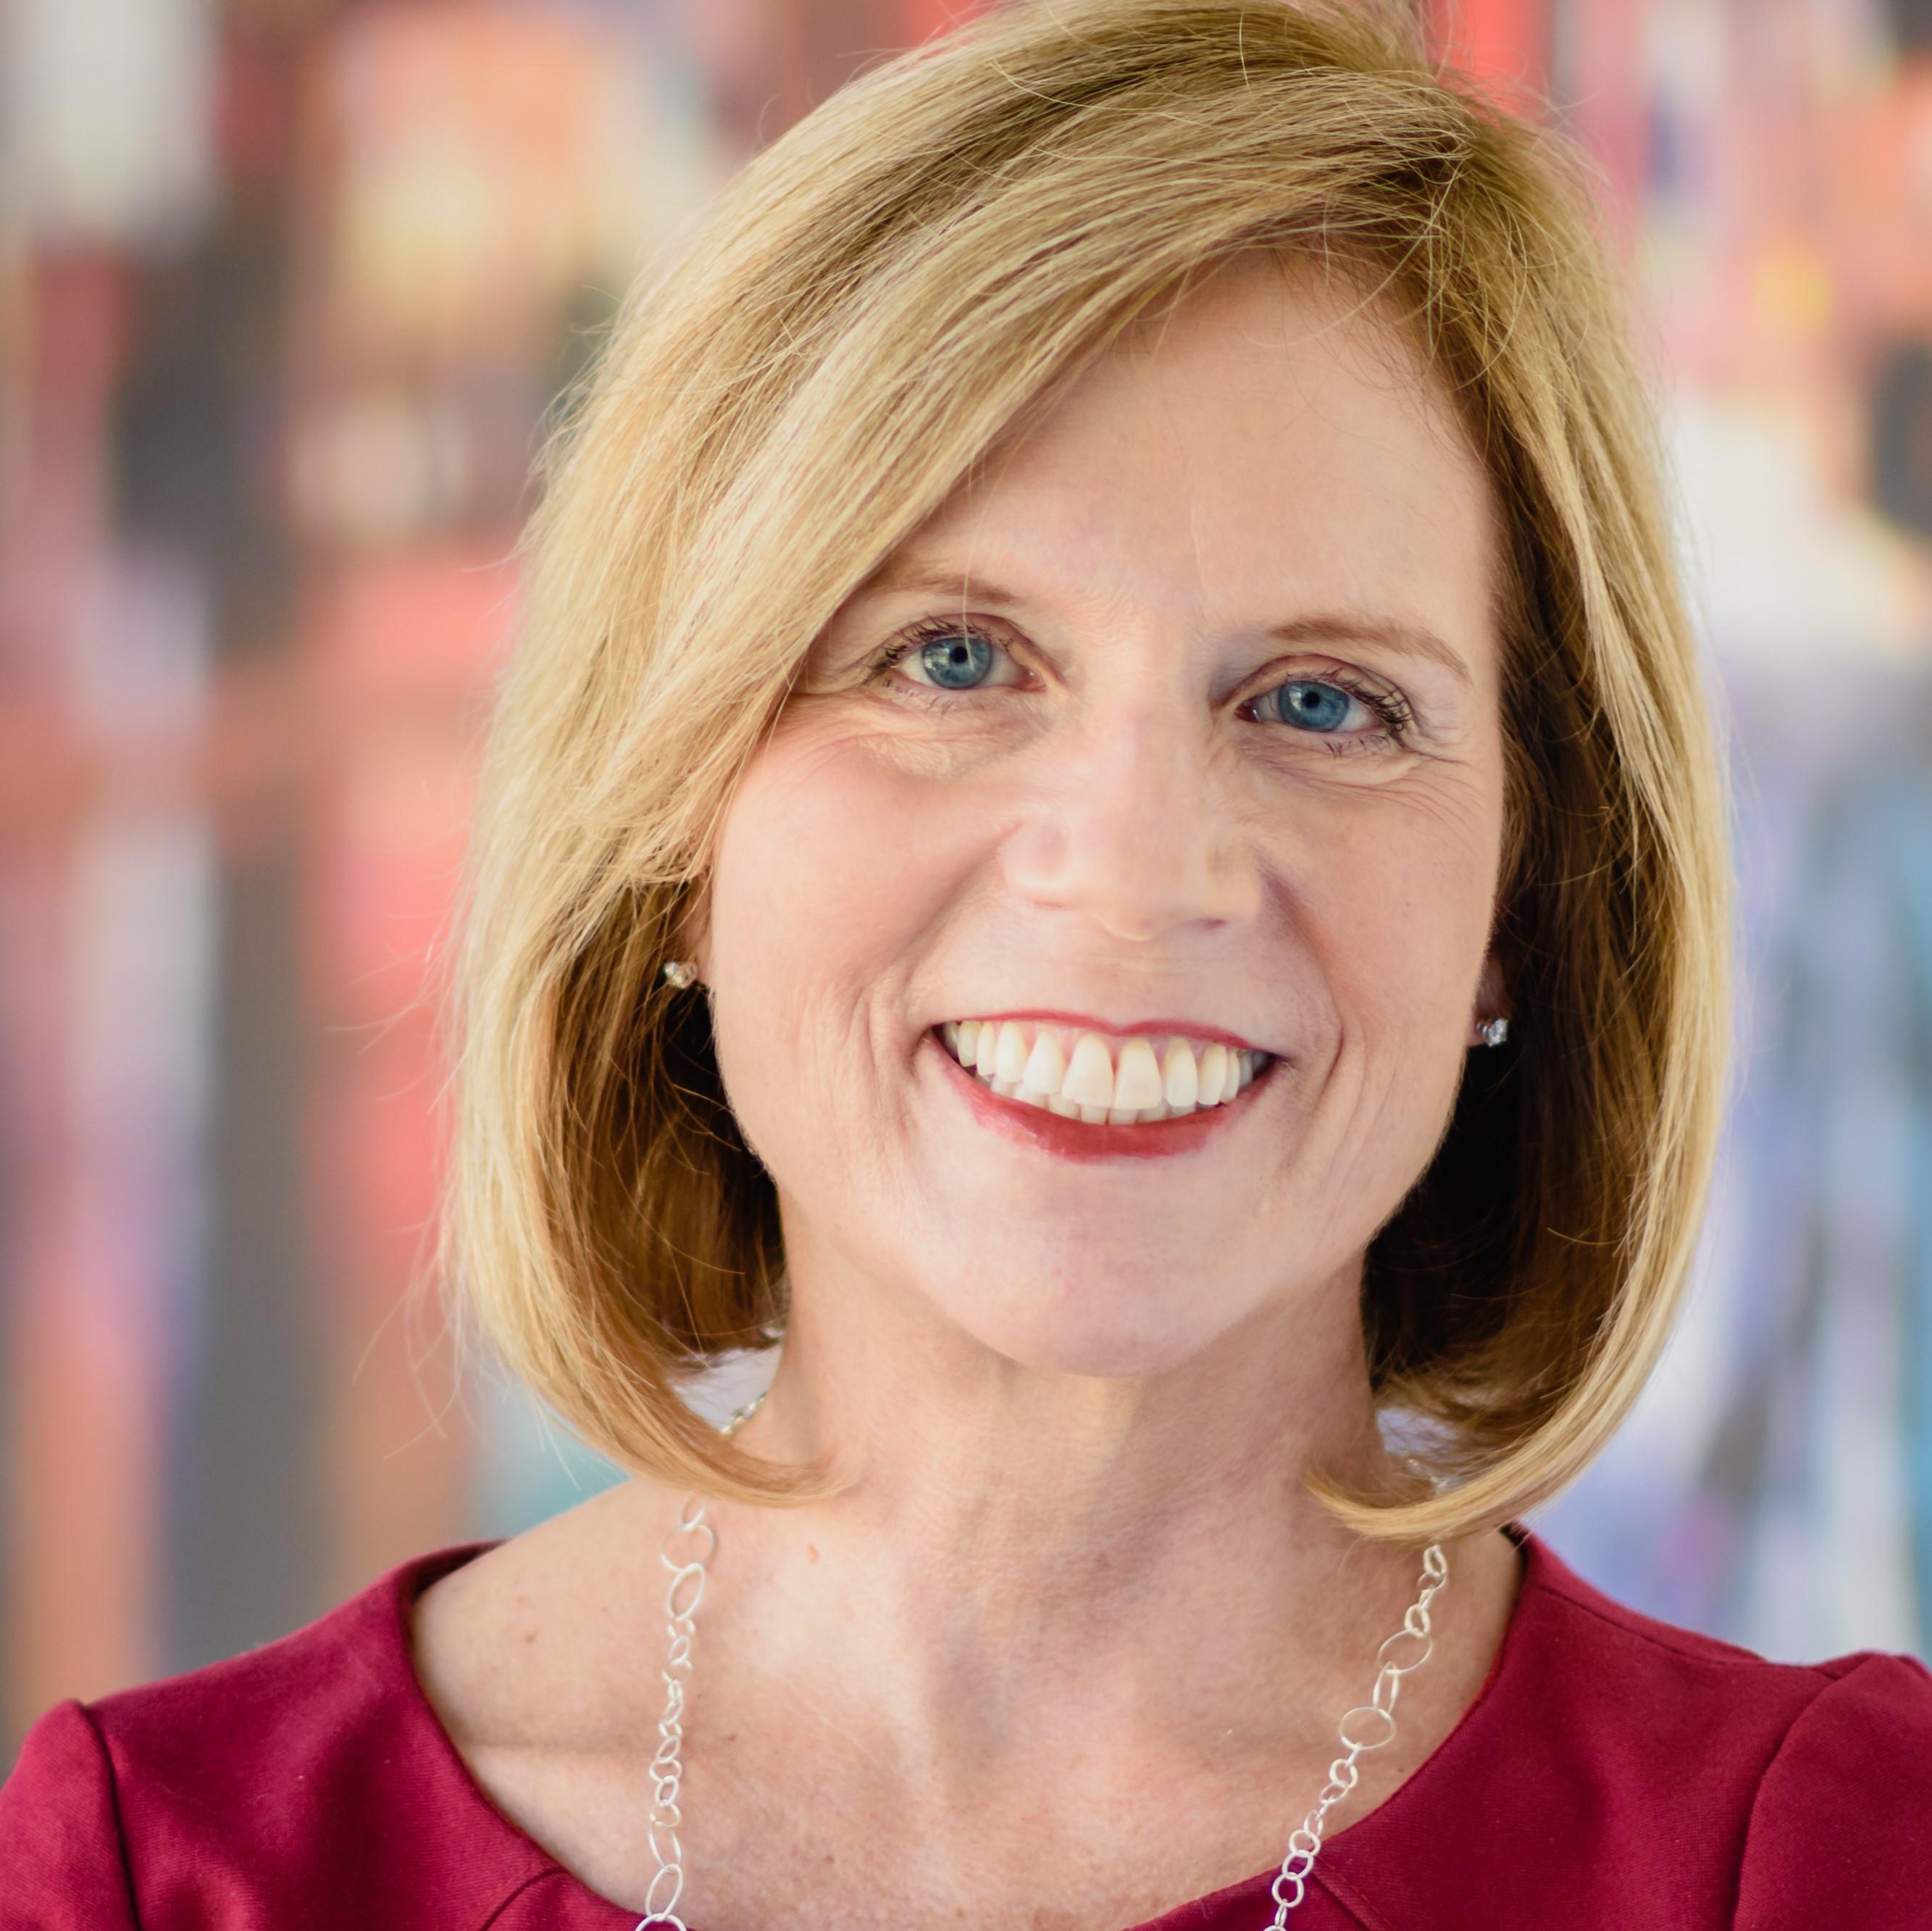 Cynthia Stoddard 2019